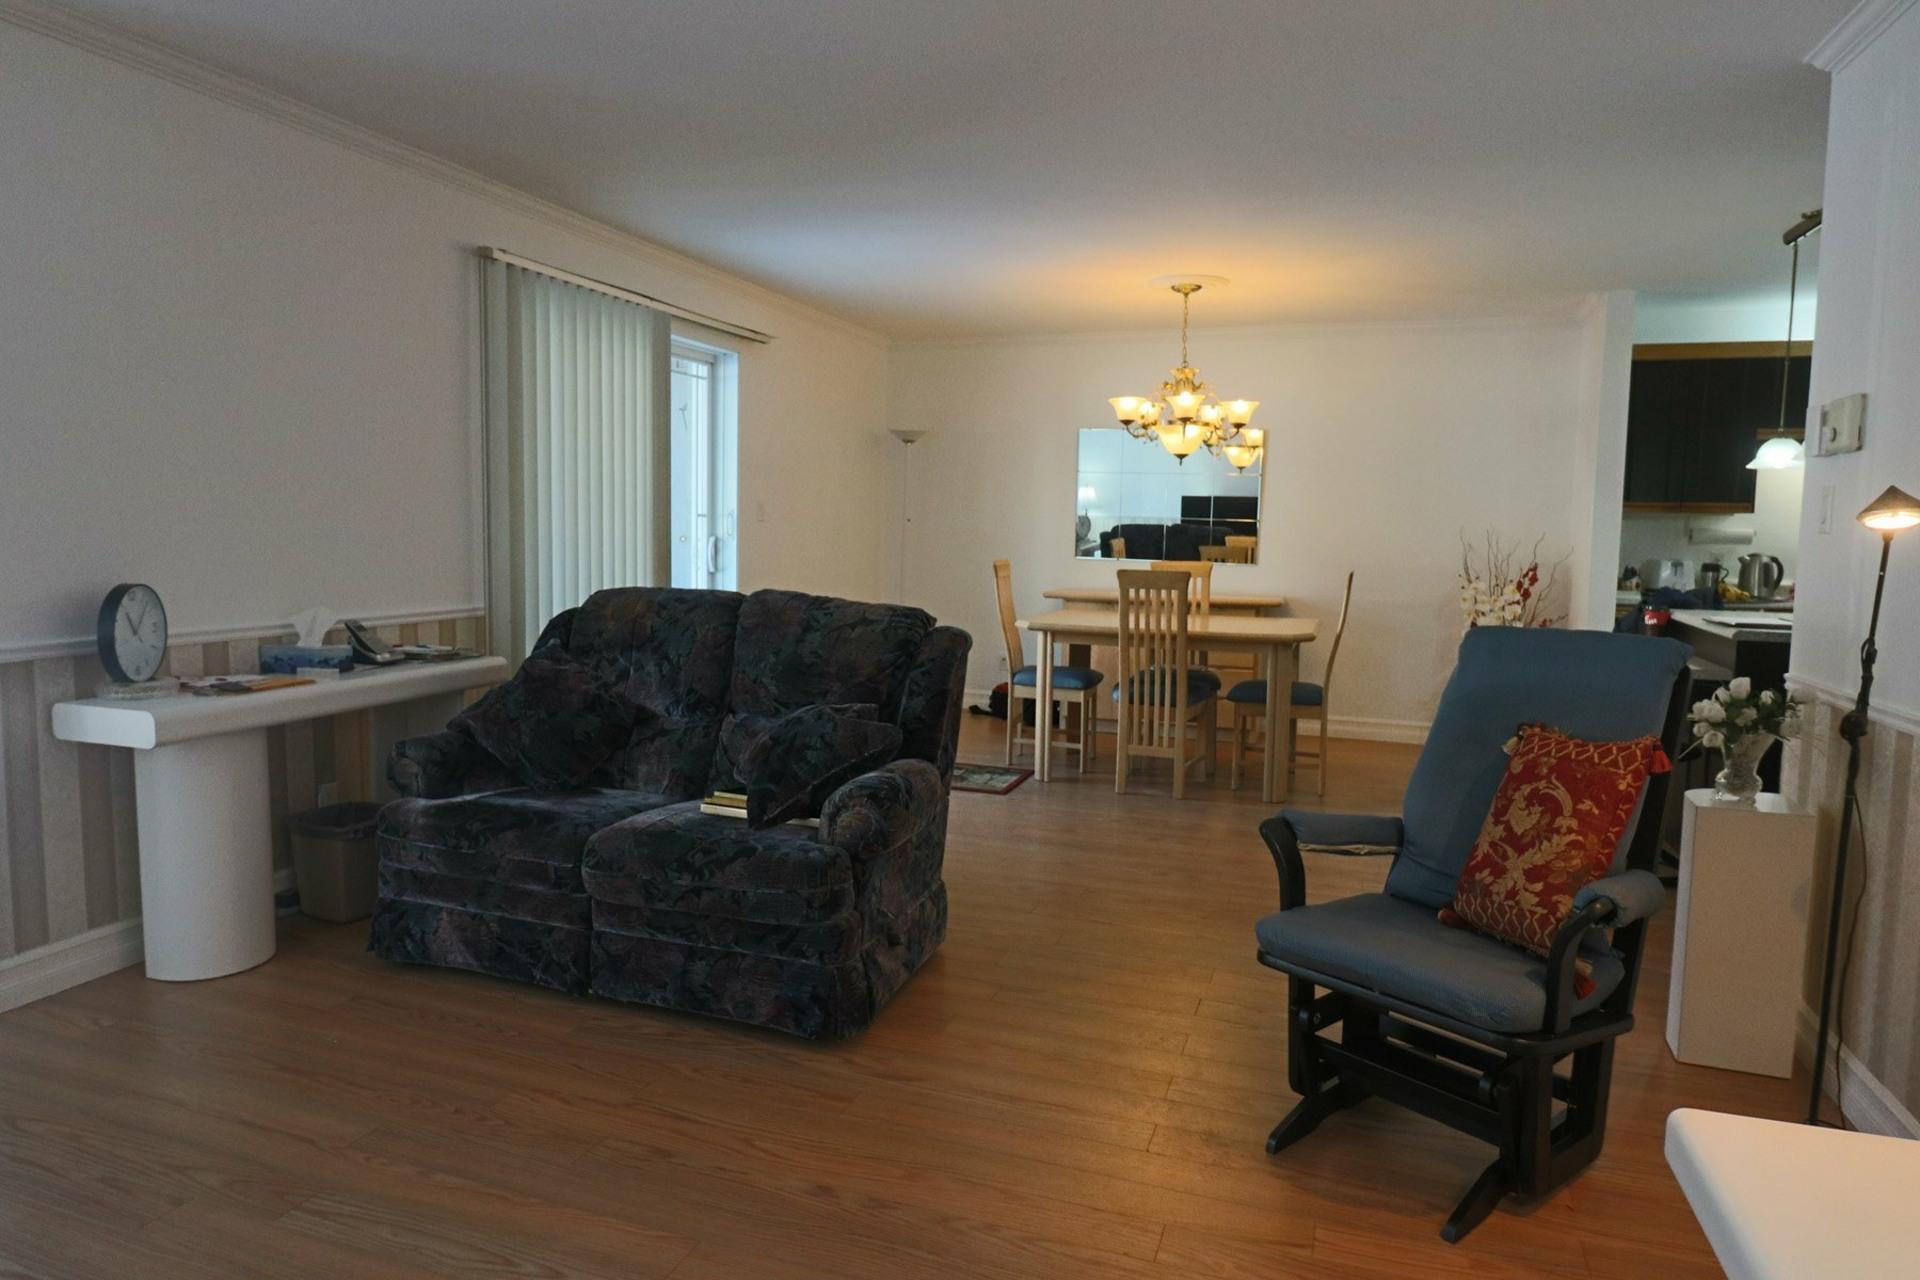 image 3 - Appartement À vendre Trois-Rivières - 8 pièces